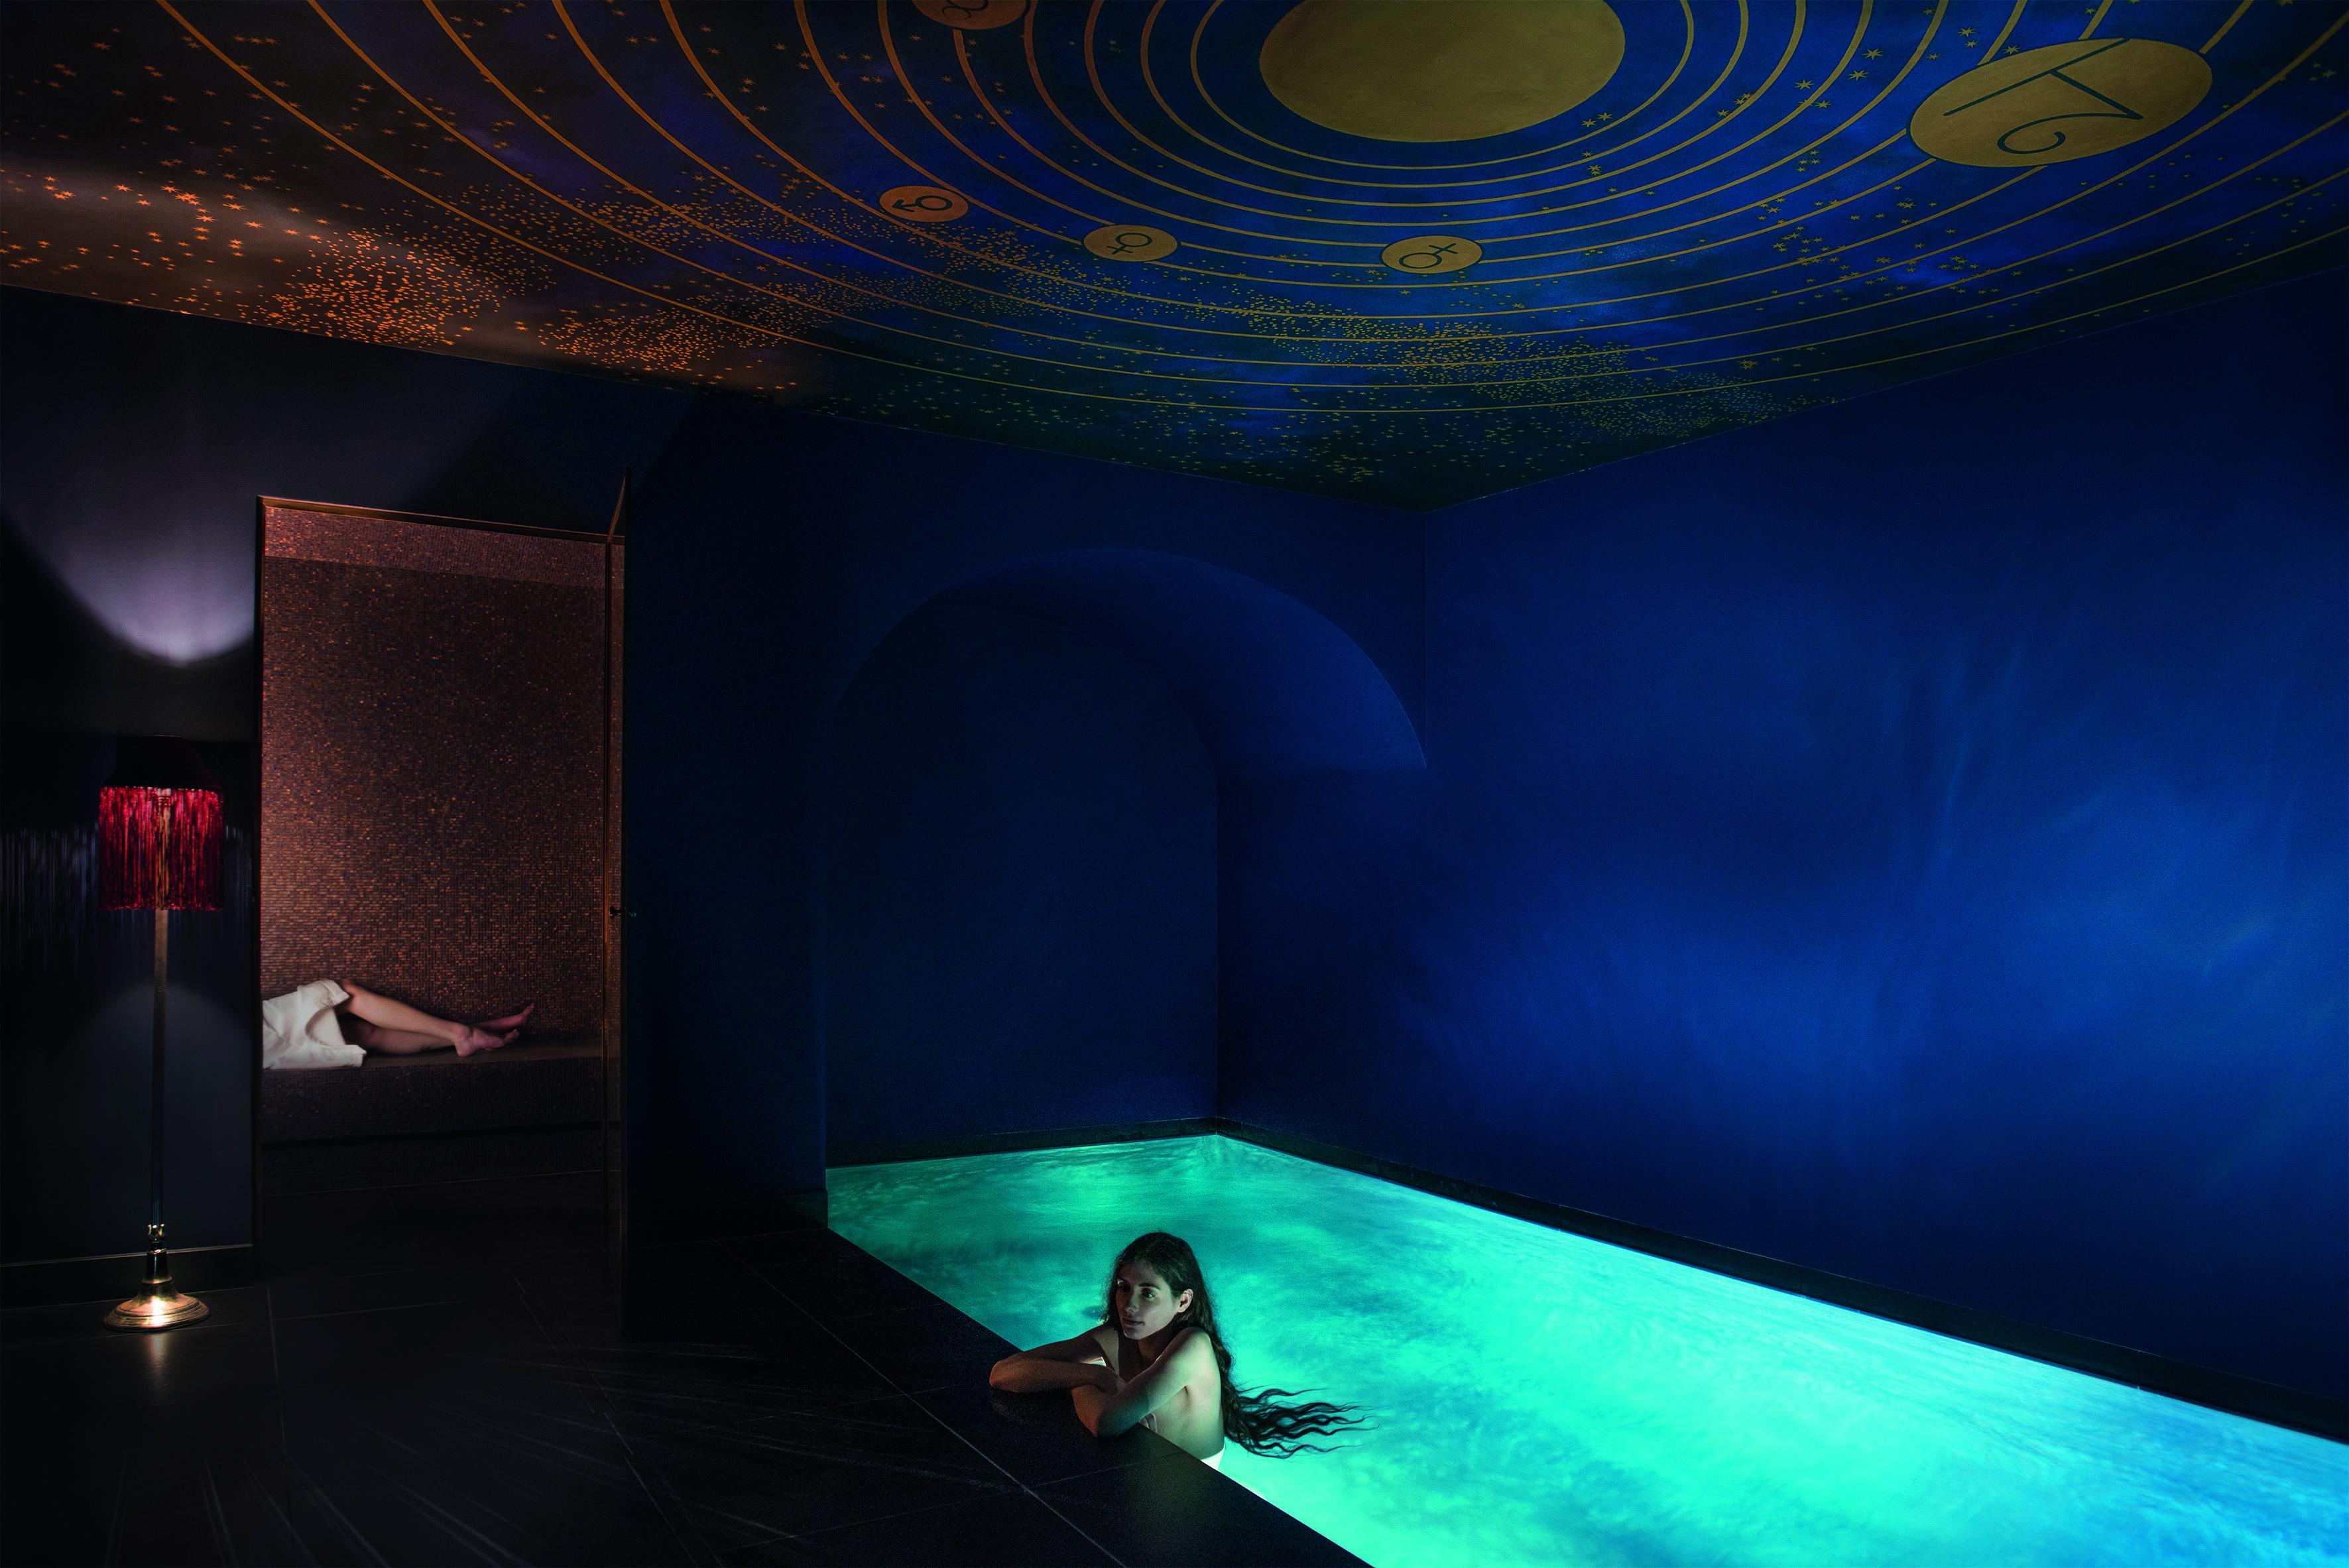 Paris maison souquet luxe calme et volupte for Salon prostitution paris